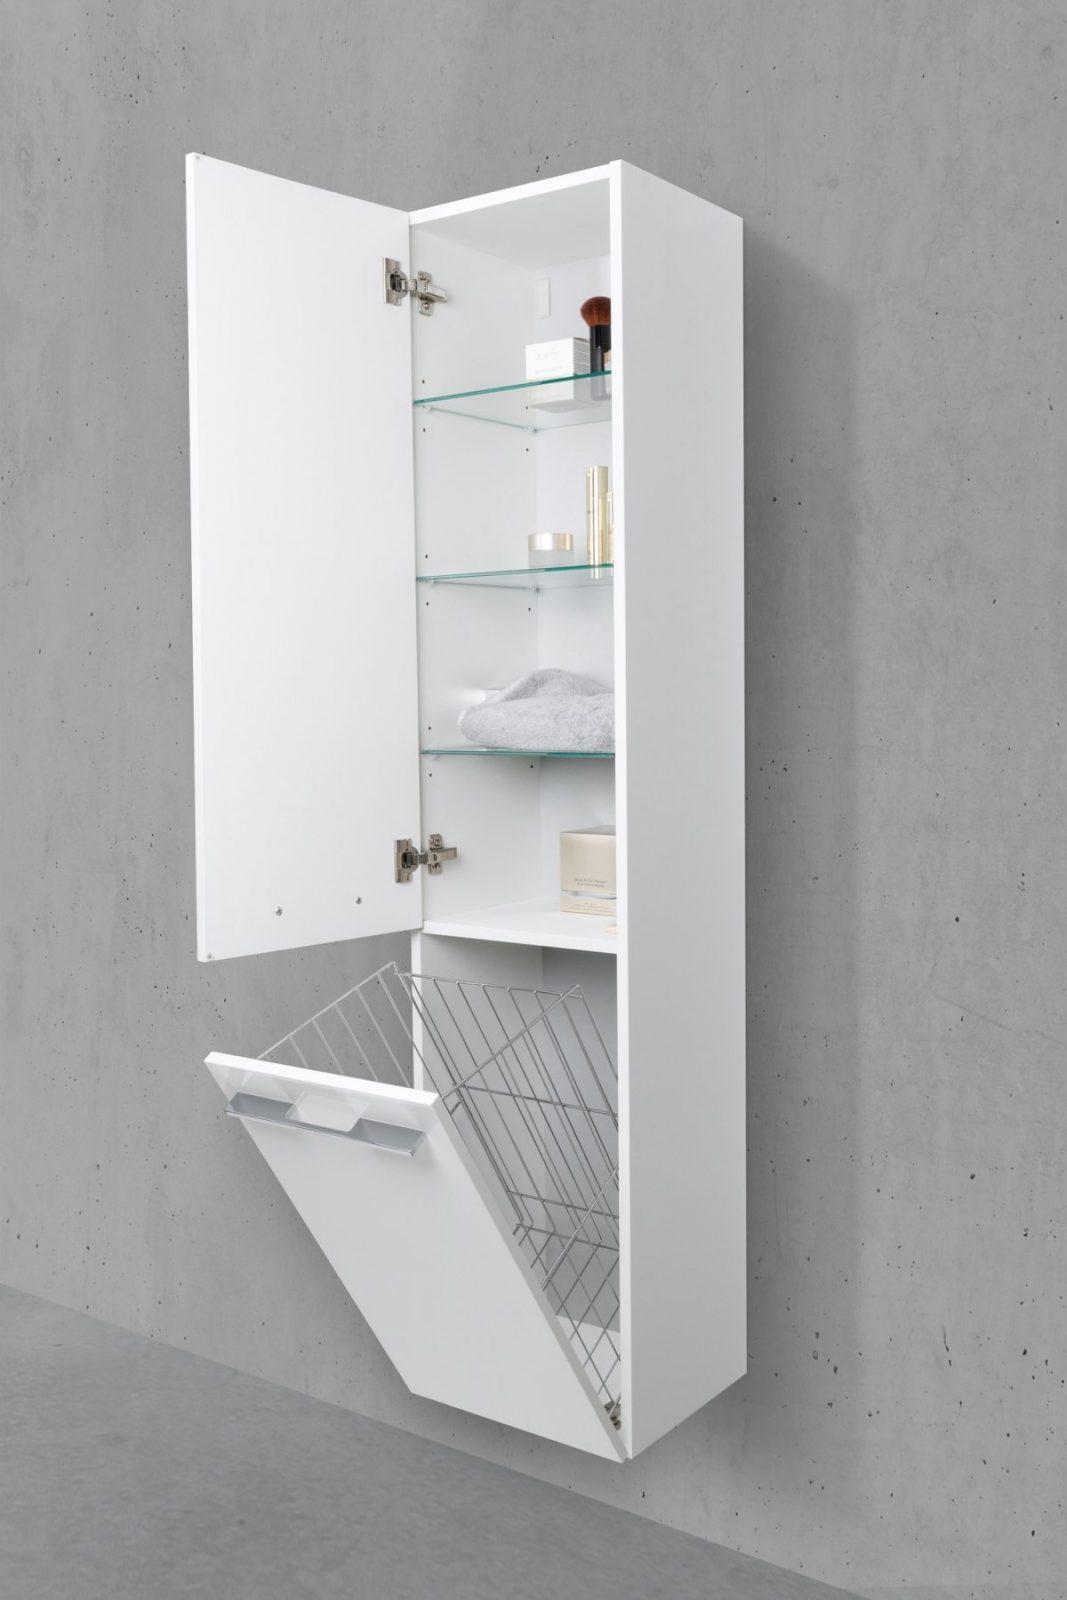 Badschrank Mit Wäschekippe Hochschrank Hbt 161640325Cm Weiß von Badschrank Mit Integriertem Wäschekorb Photo